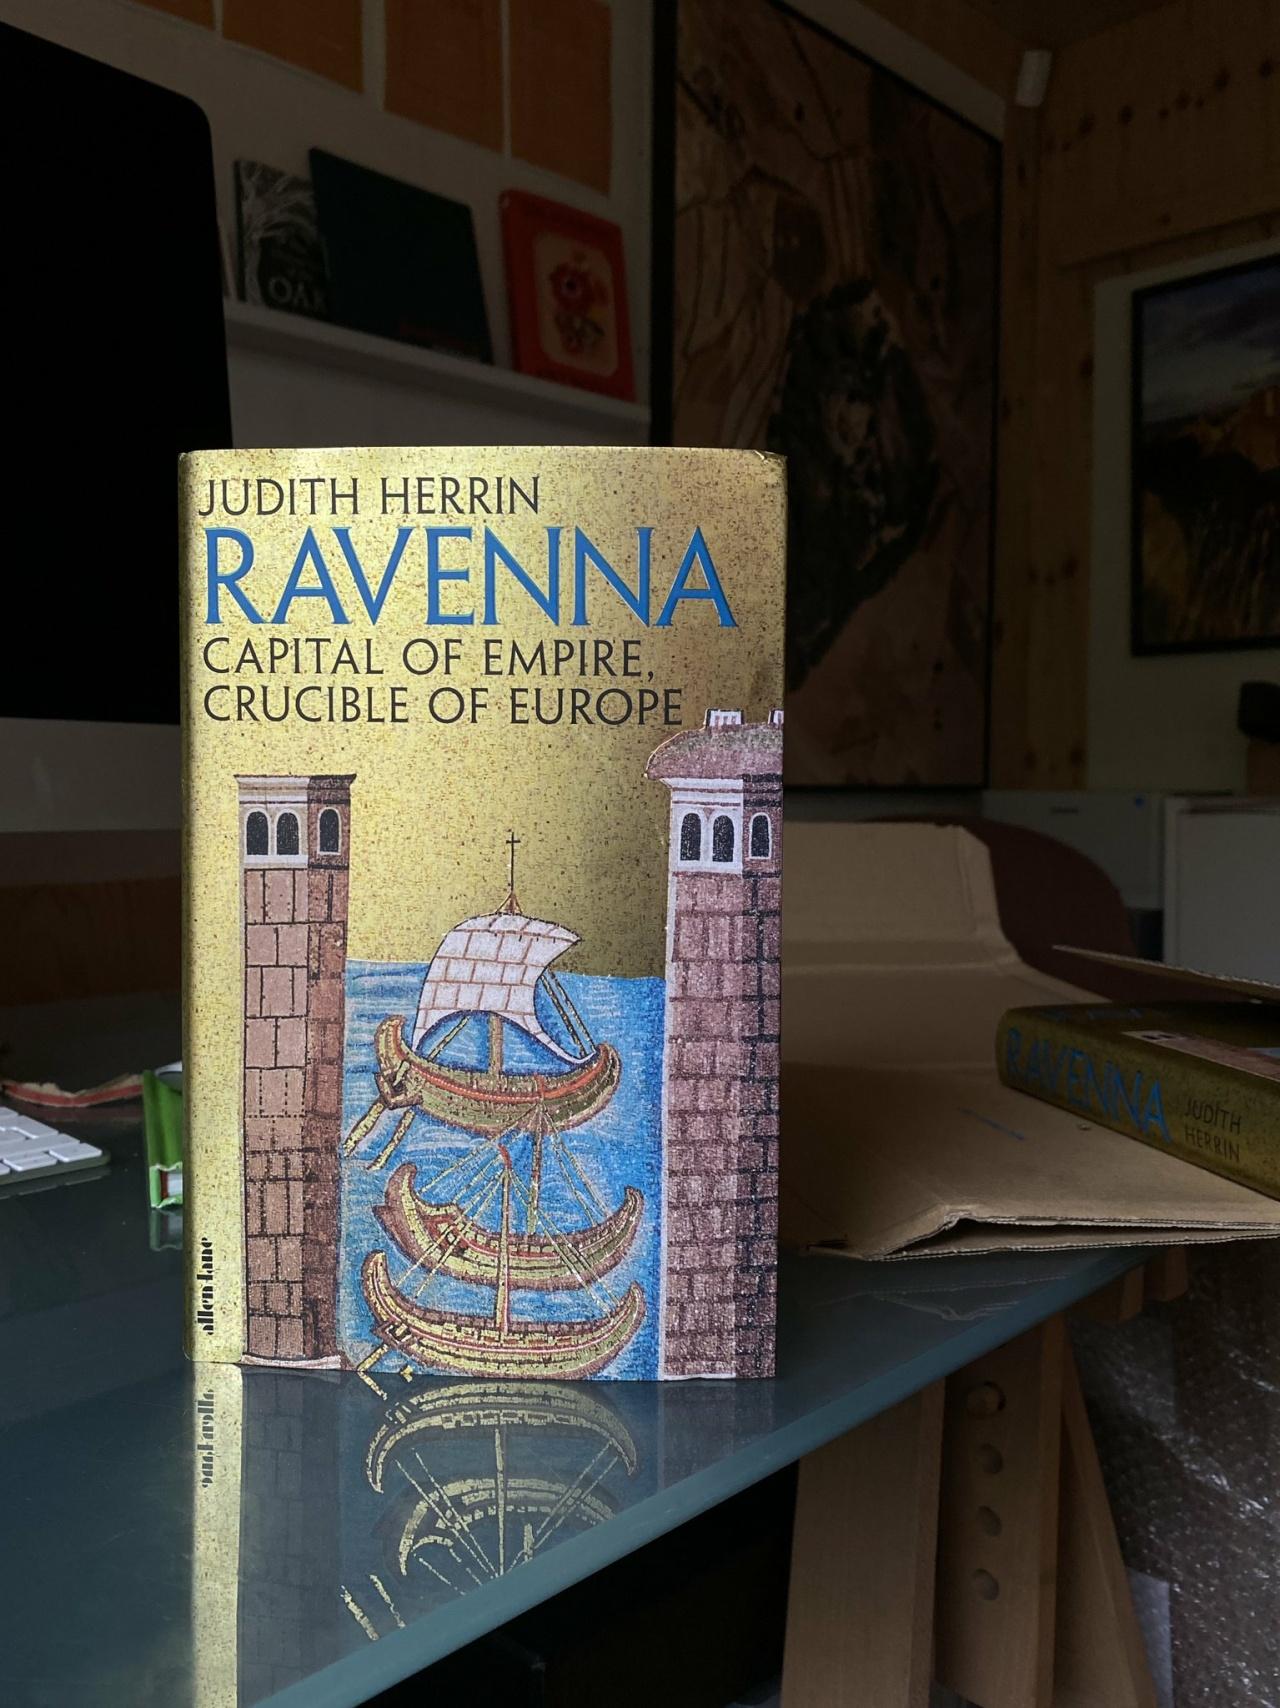 Kieran Dodds Ravenna commission for Penguin/Allen Lane, September 2020